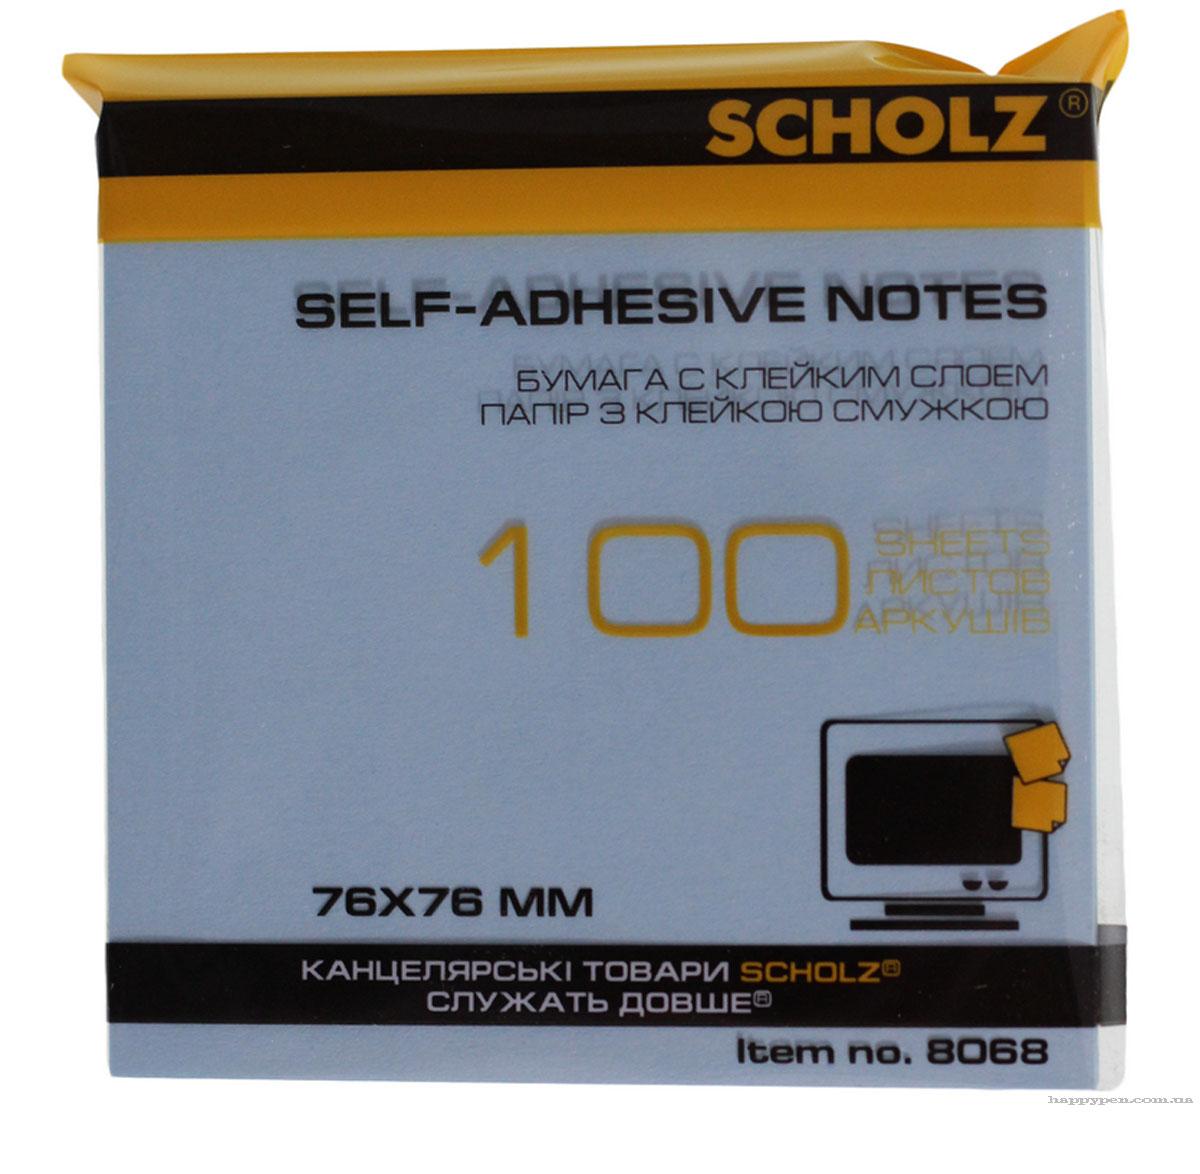 Блок бумаги с клейким слоем 76*76мм.*100 листов пастельный микс Scholz - фото 3